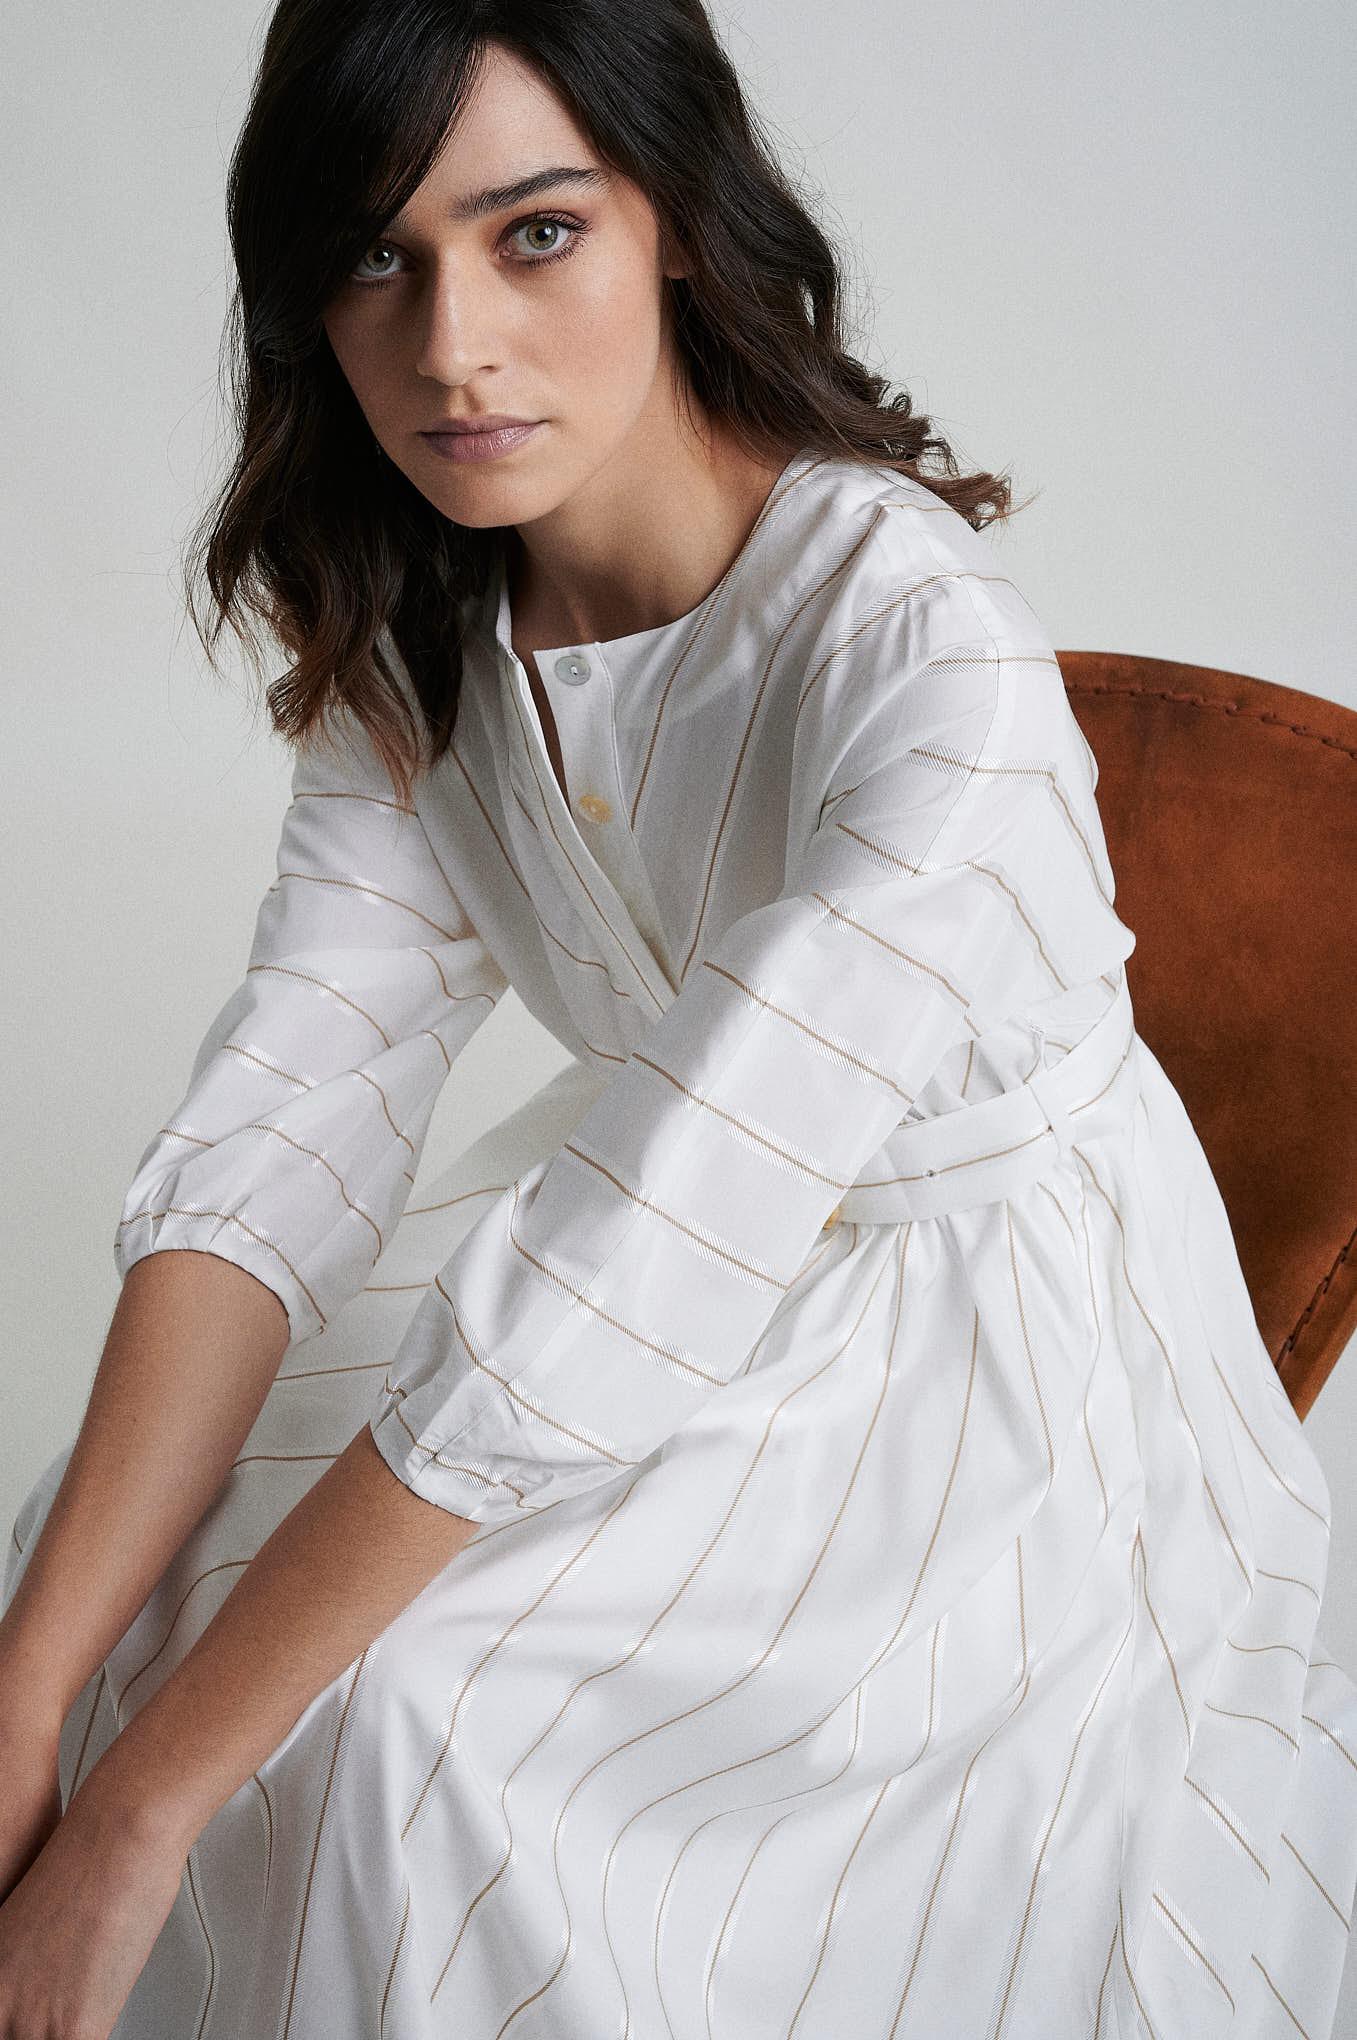 Dress Stripes Fantasy Woman